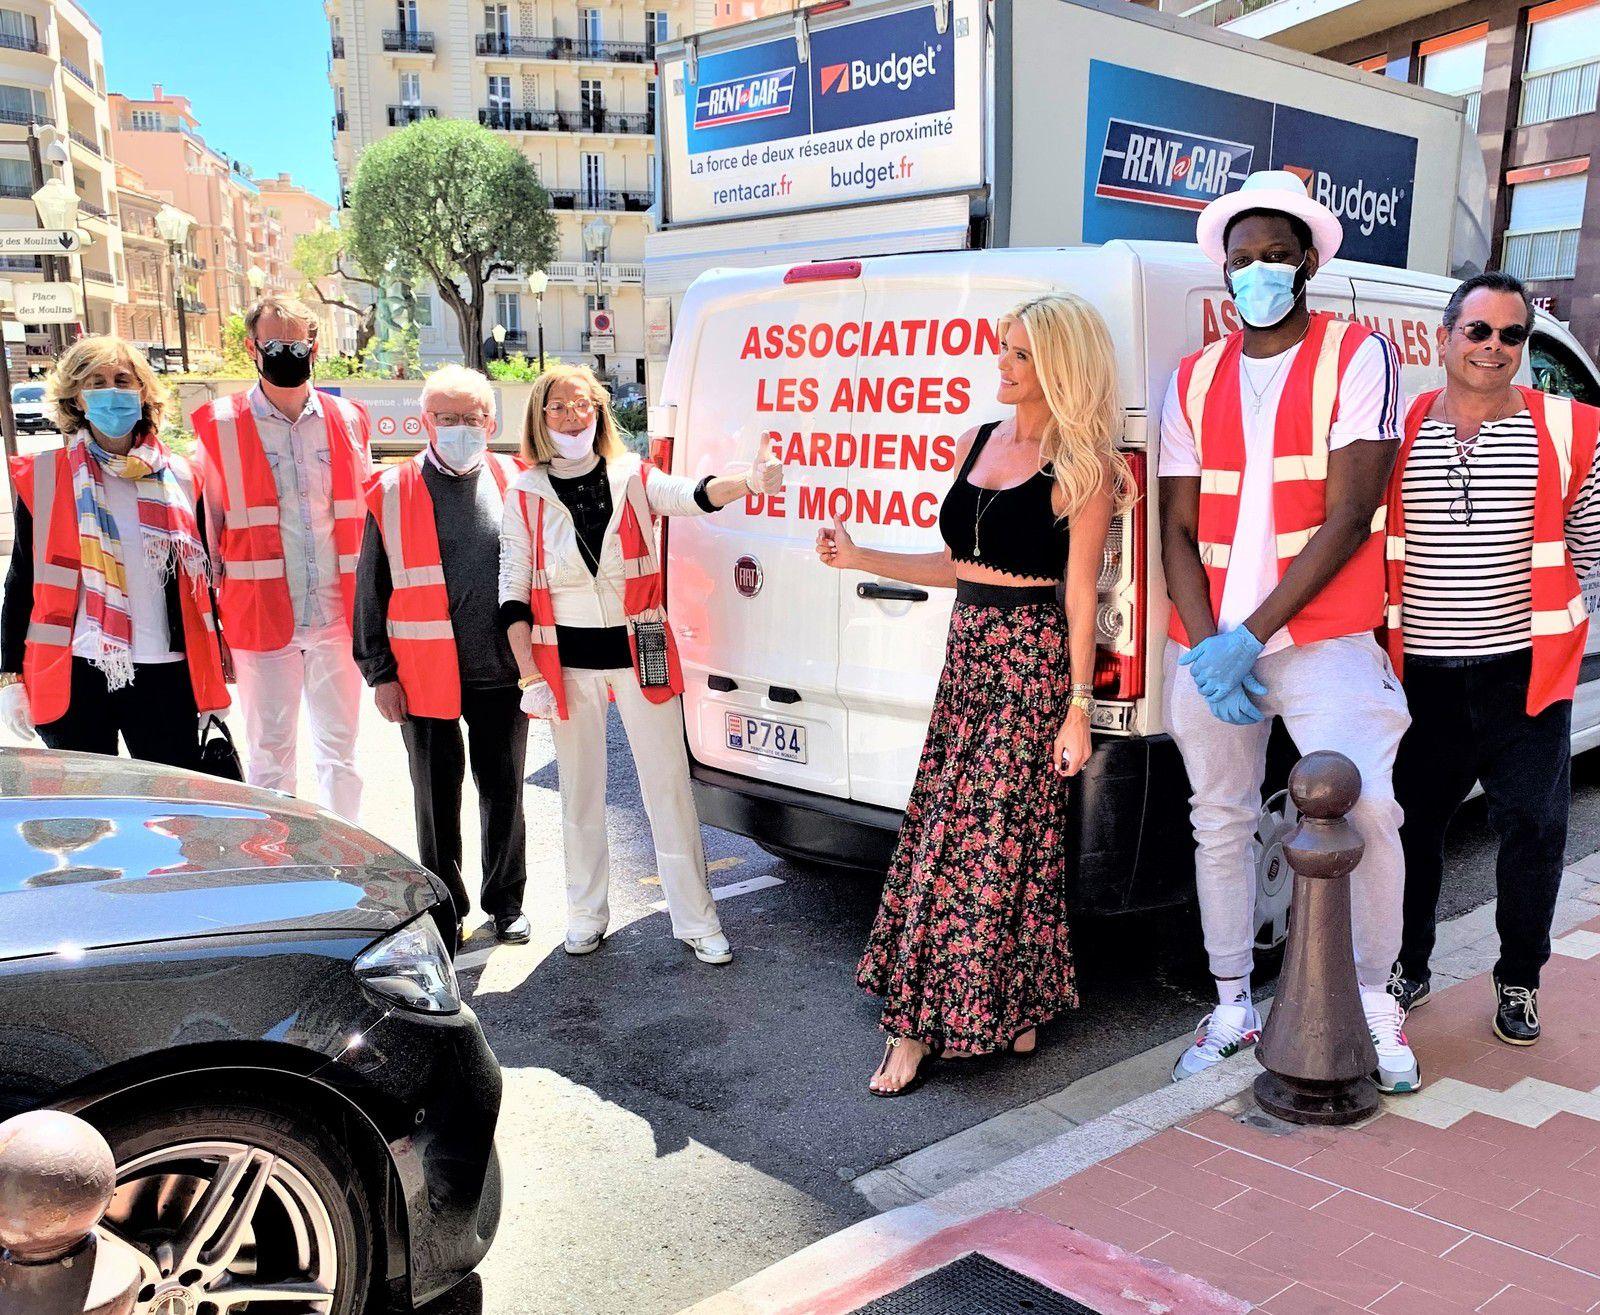 Madame Bruna Maule Cassio a décidé de céder sa place de Présidente active au sein de l'Association Les Anges Gardiens de Monaco.